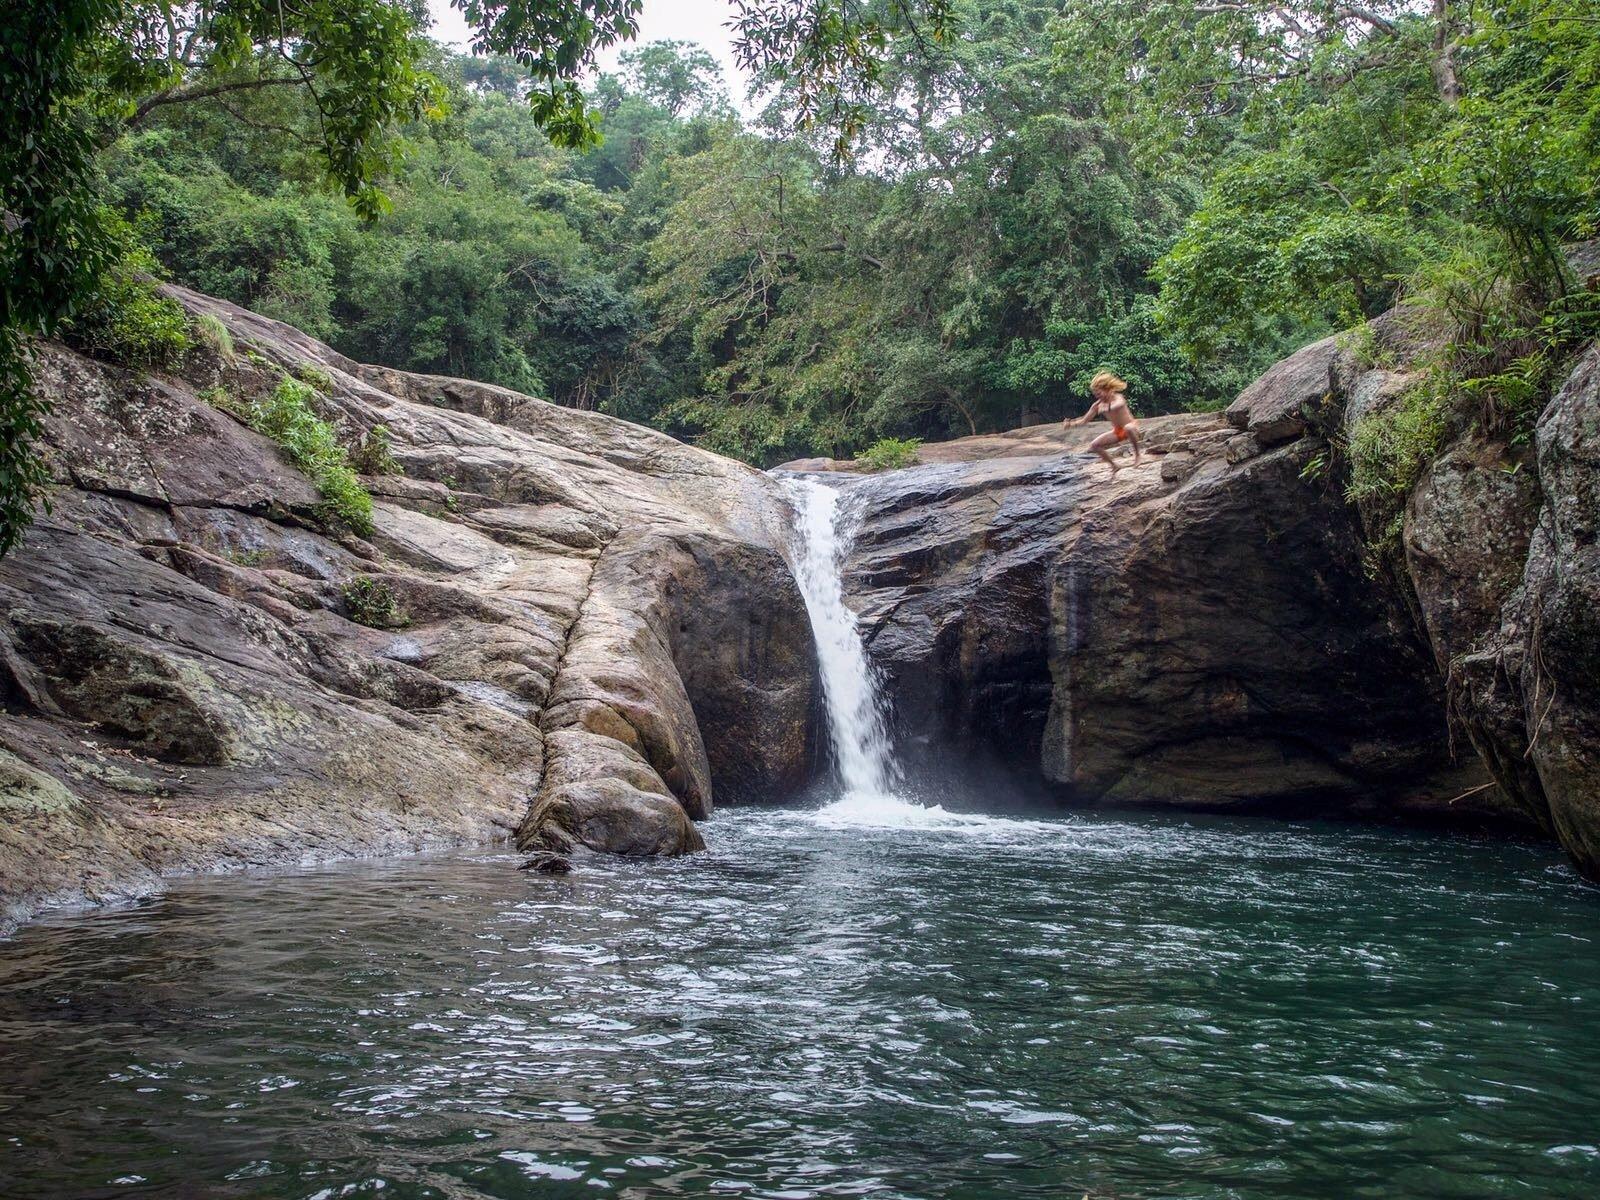 Meemure waterfalls